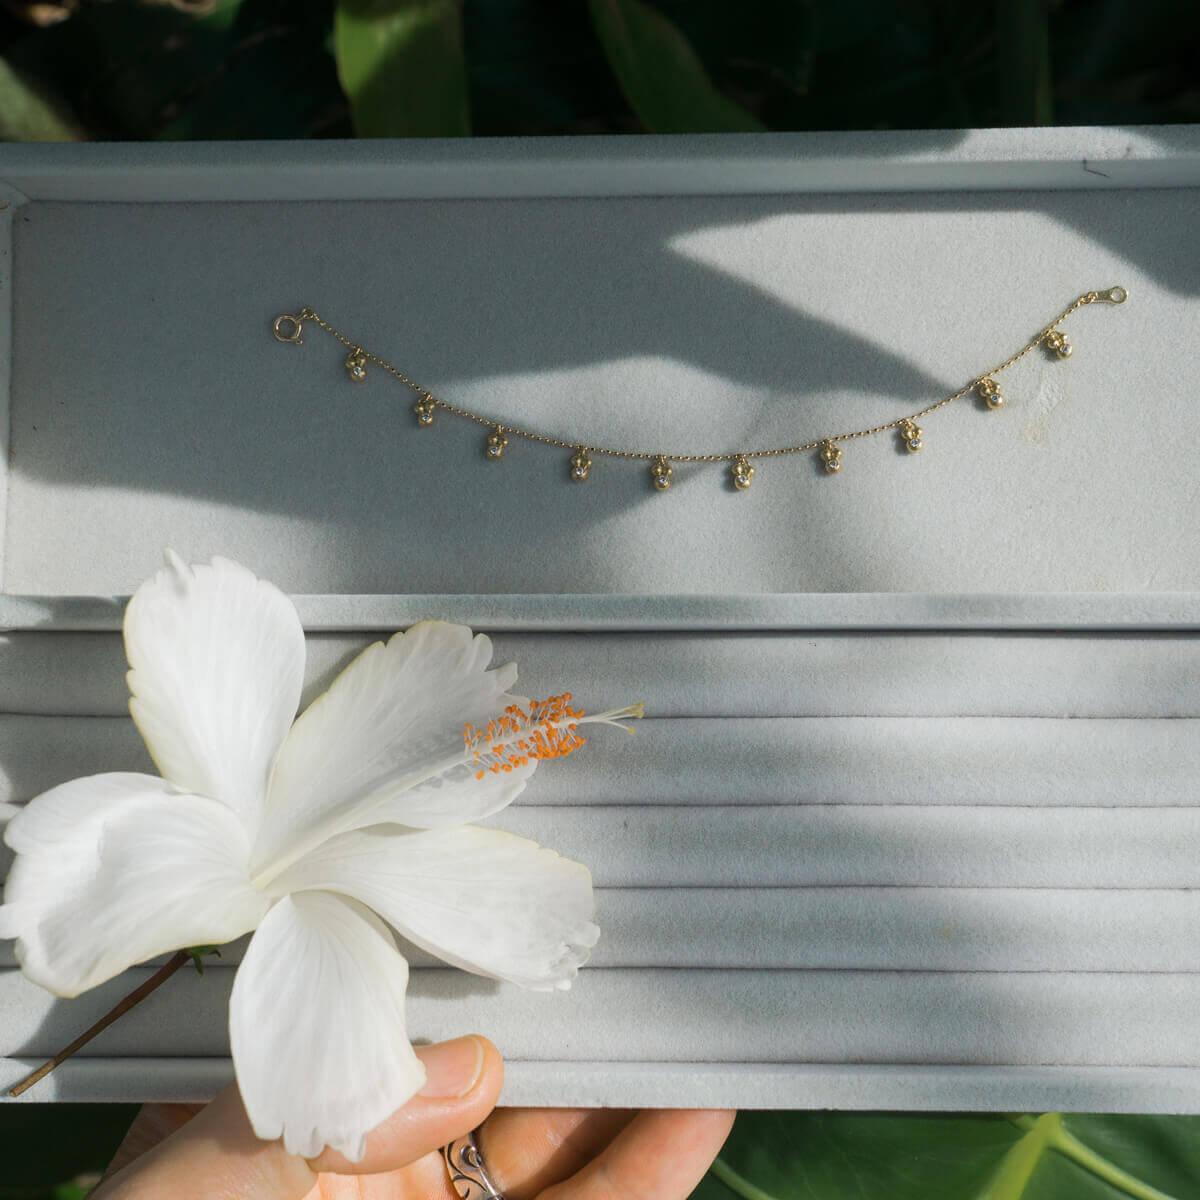 オーダーメイドジュエリー ブレスレット、トレーの上に、屋久島の緑バック 屋久島の雨モチーフ 屋久島でオーダーメイドジュエリー